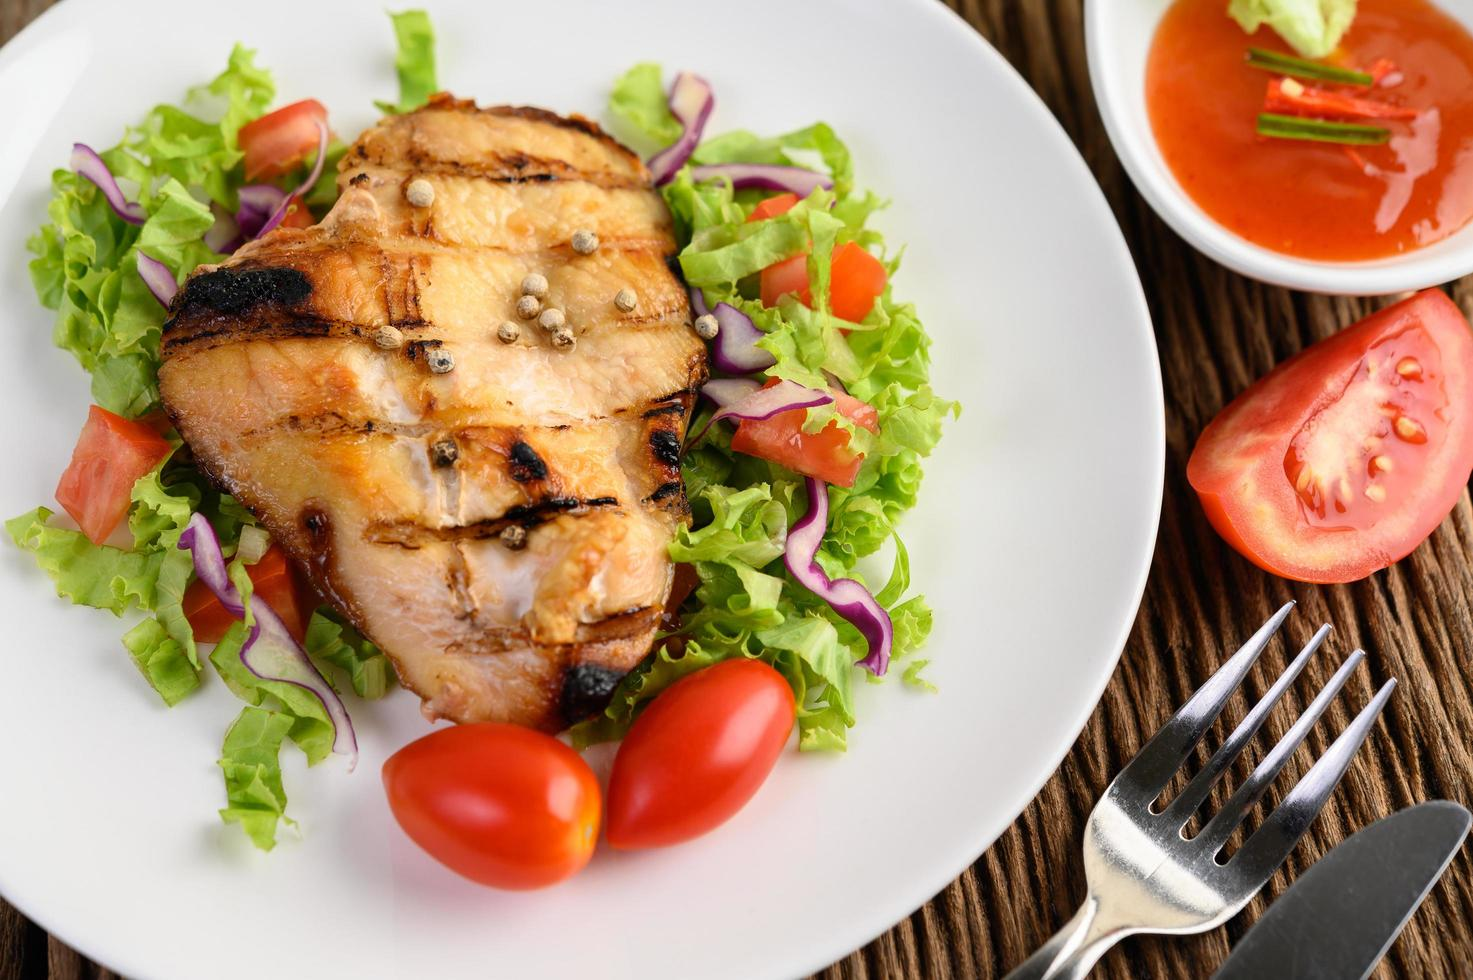 poulet grillé avec une salade photo